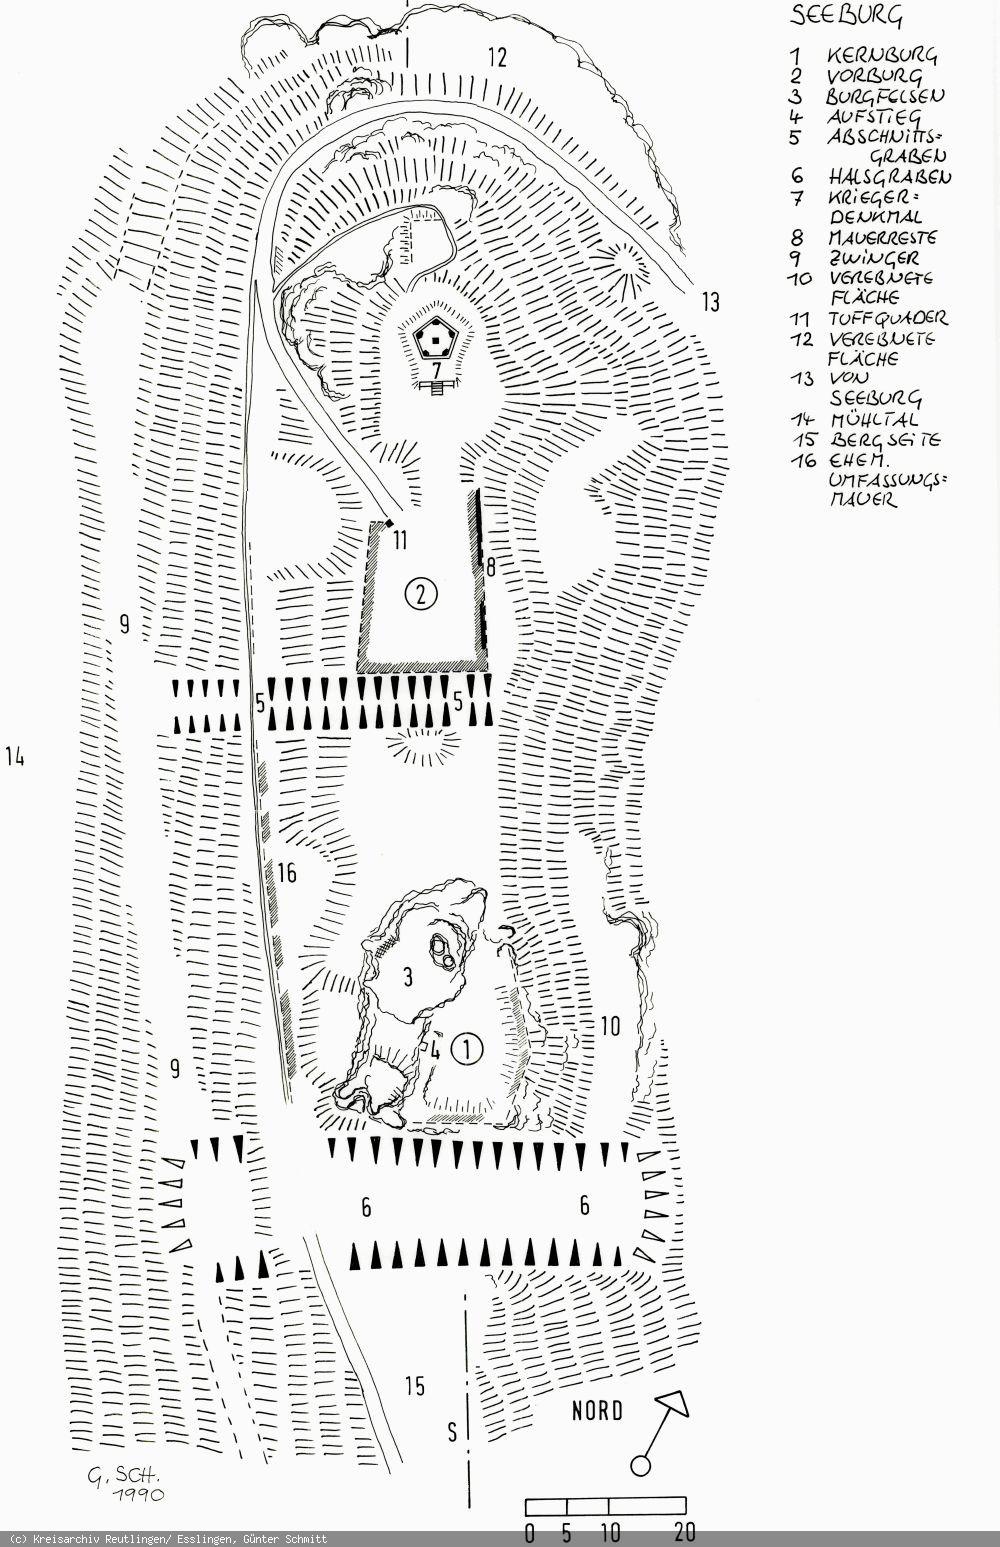 Lageplan Seeburg